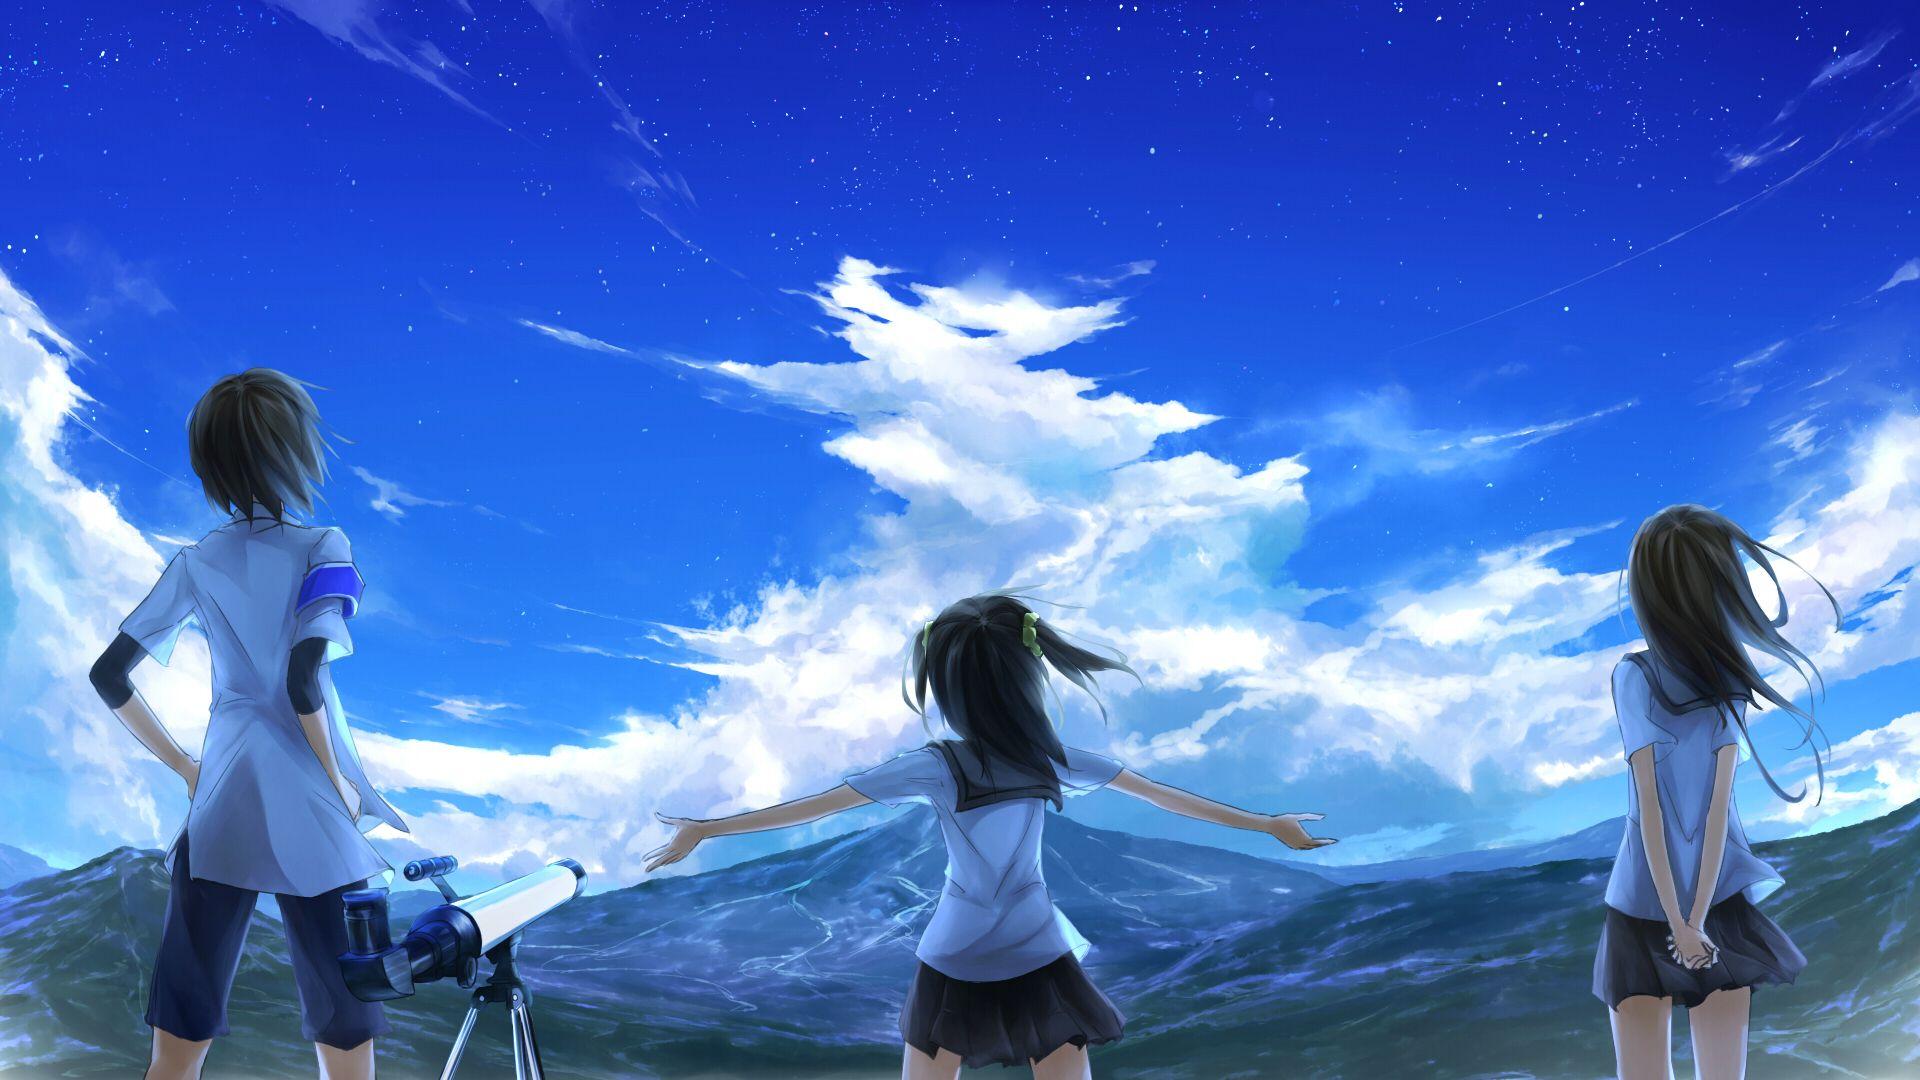 [ HOT ] Kho hình nền anime full HD , 4k cho máy tính , điện thoại - AowVN.org - Anime Of World